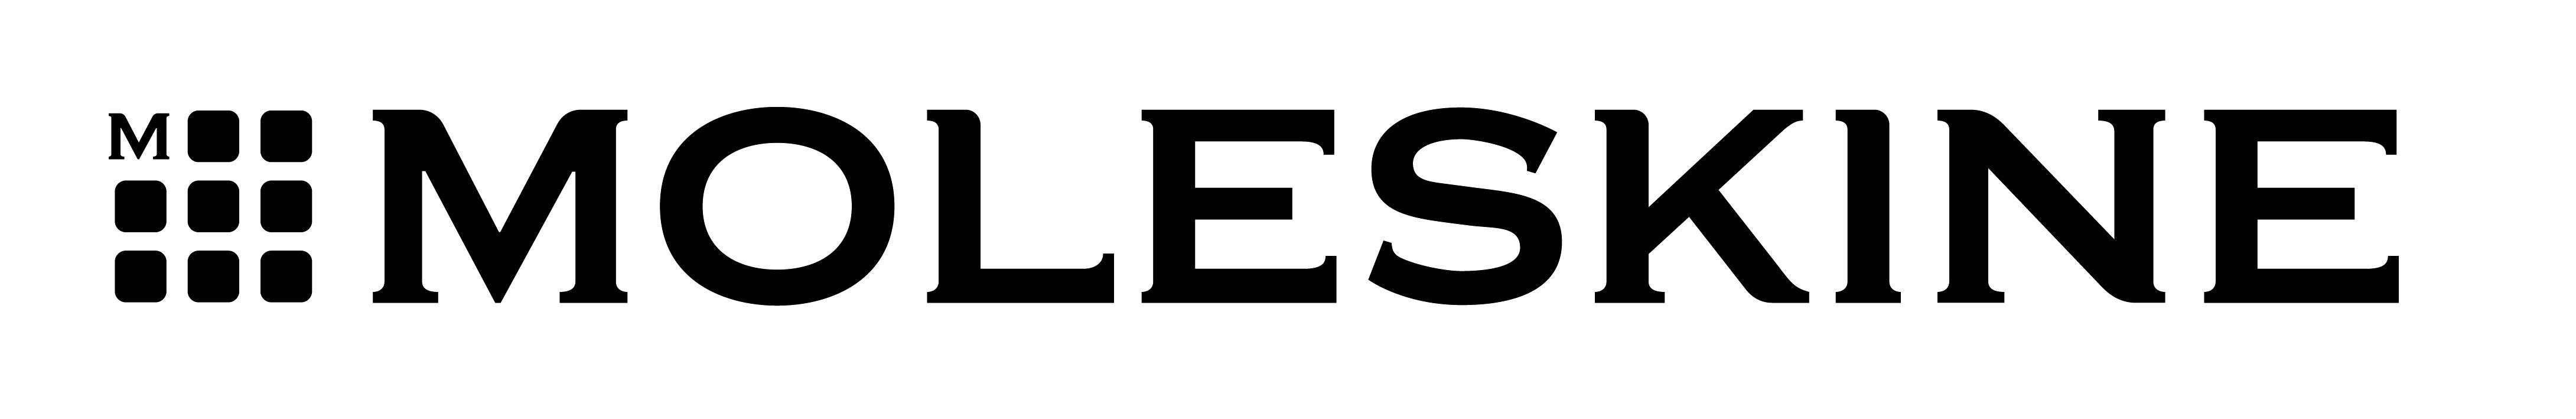 Image result for moleskine logo